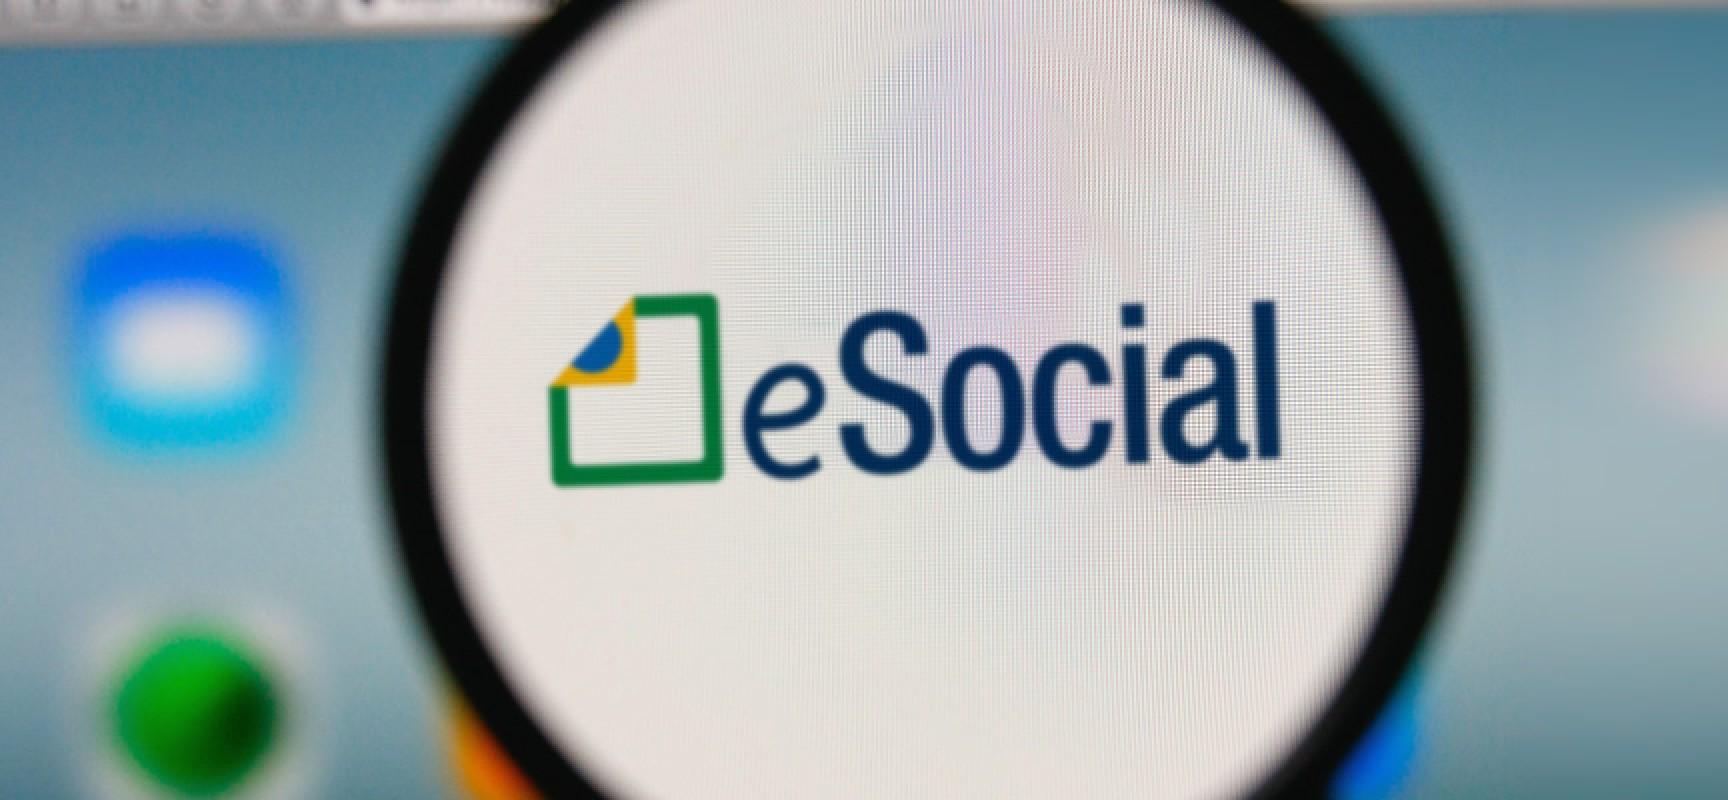 Nova Central de Atendimento do eSocial